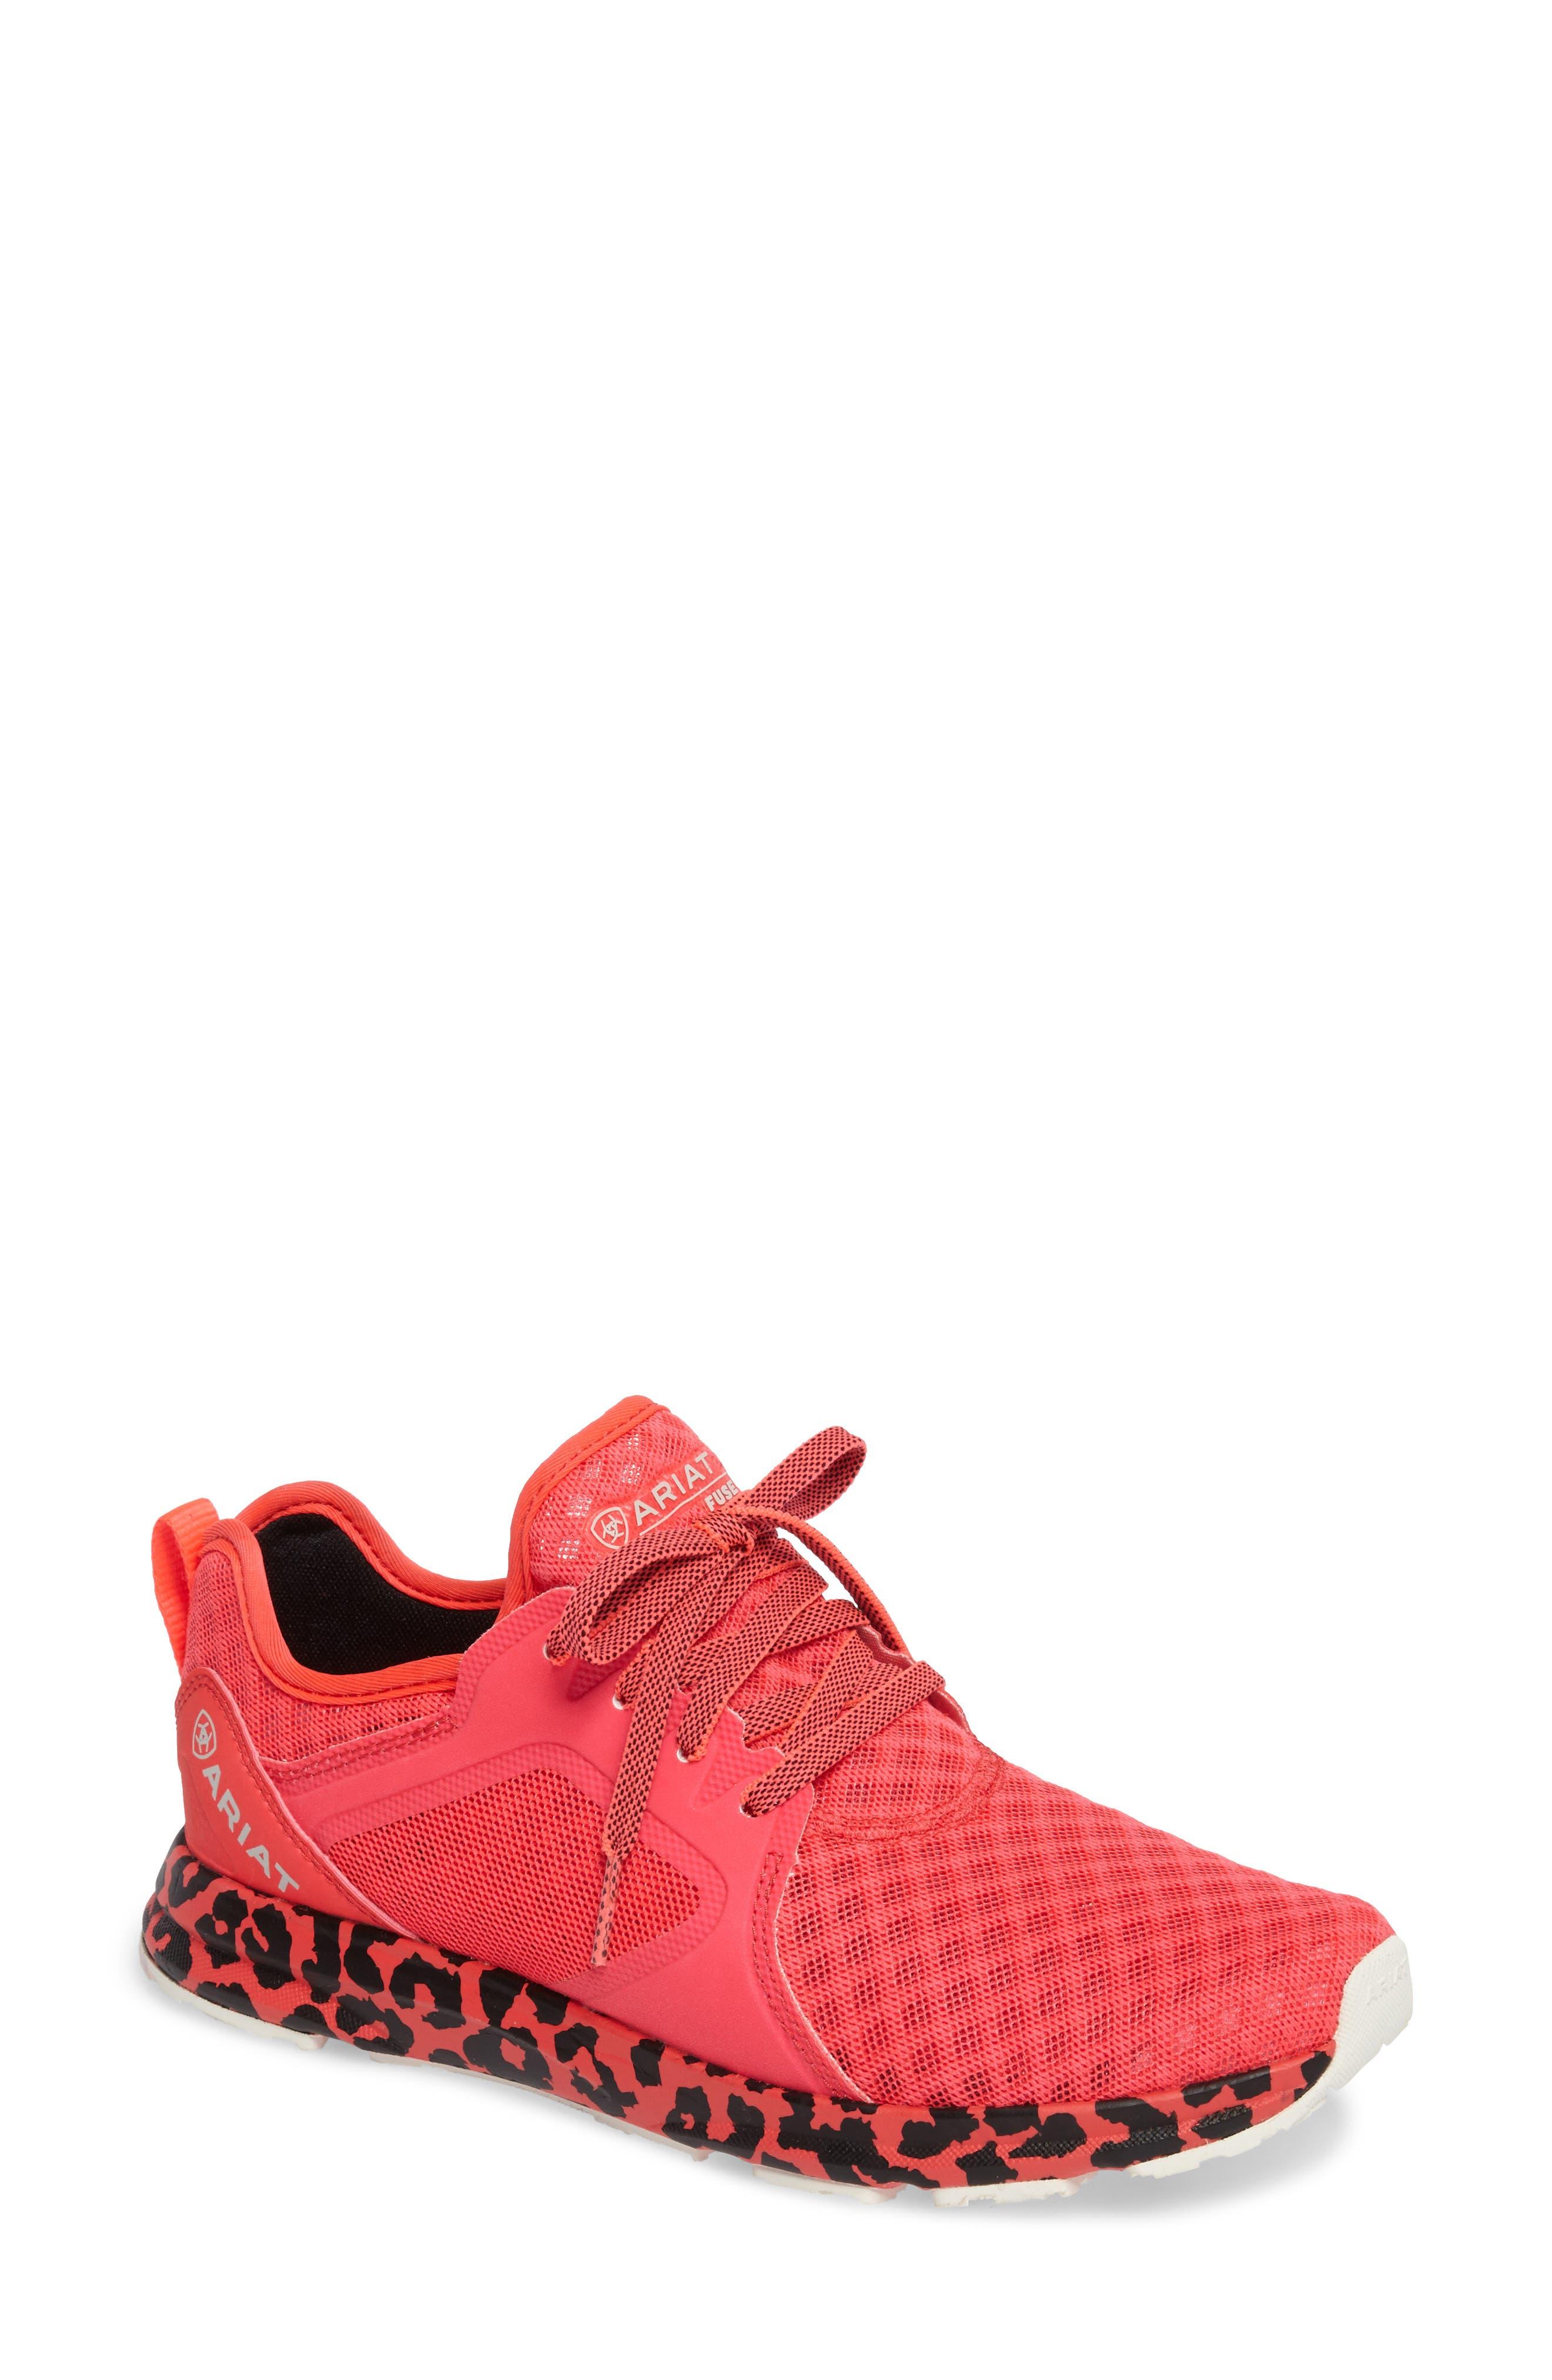 Main Image - Ariat Fuse Print Sneaker (Women)